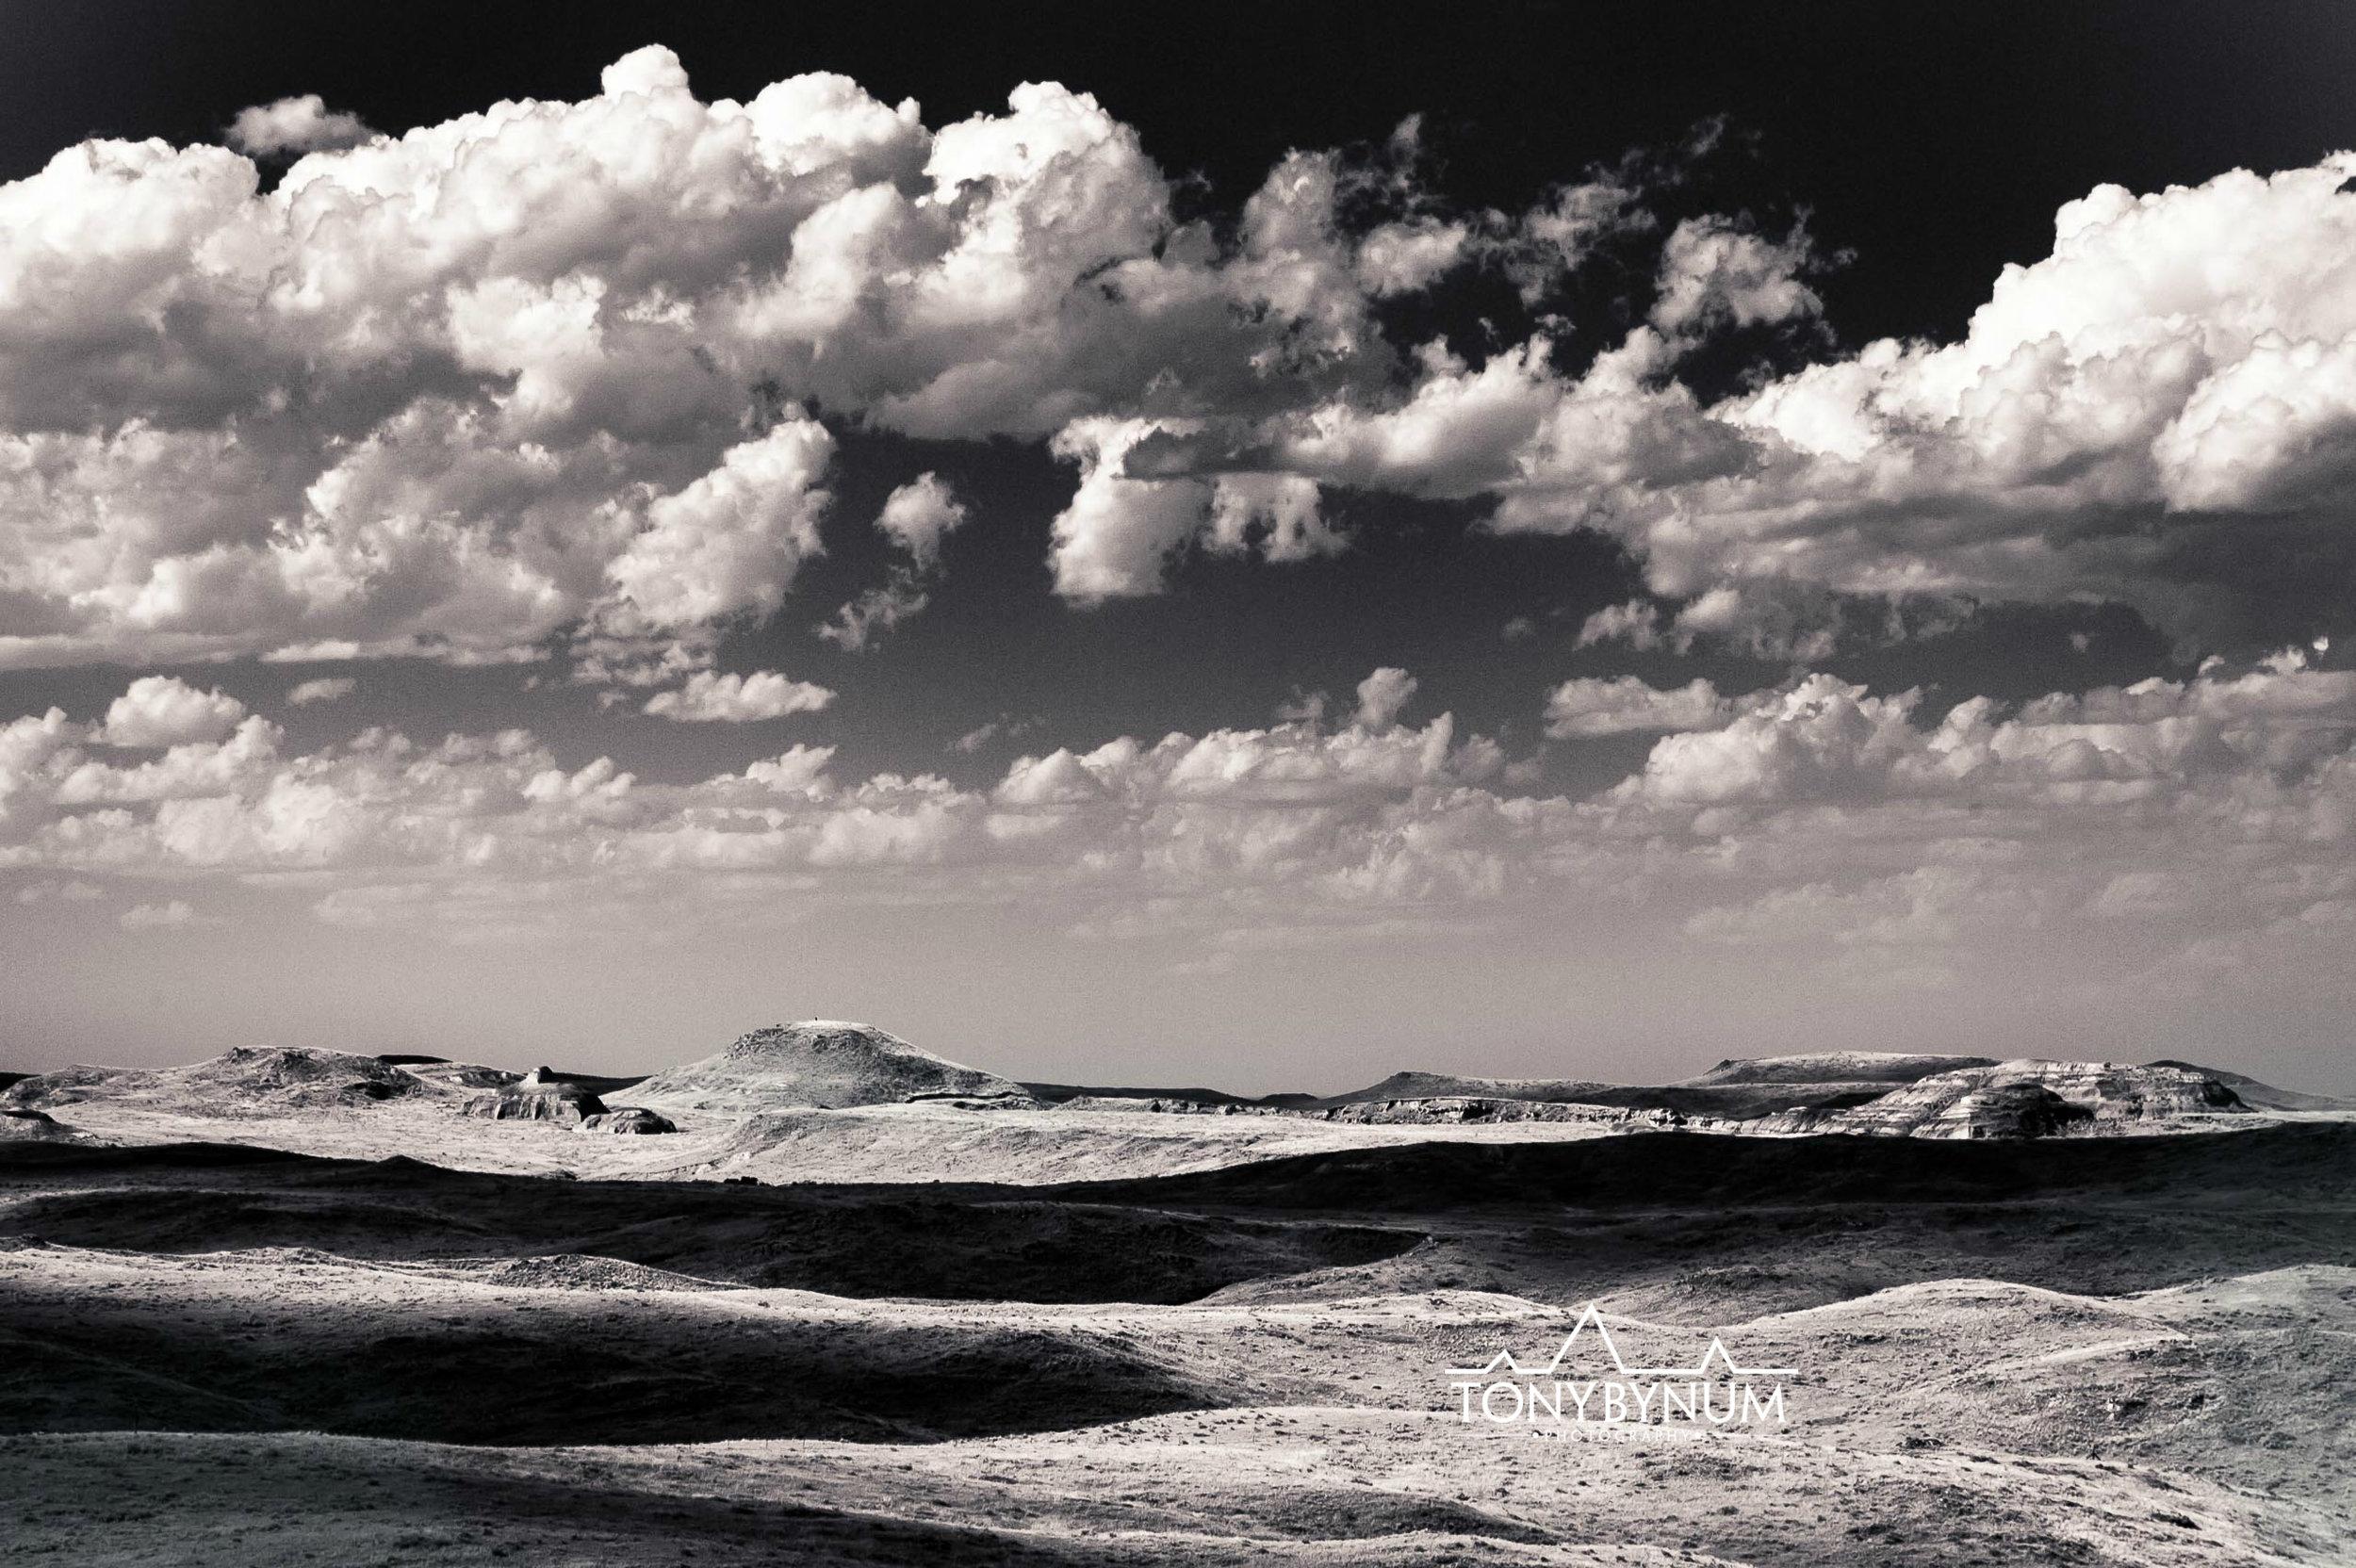 tony-bynum-black-white-sky